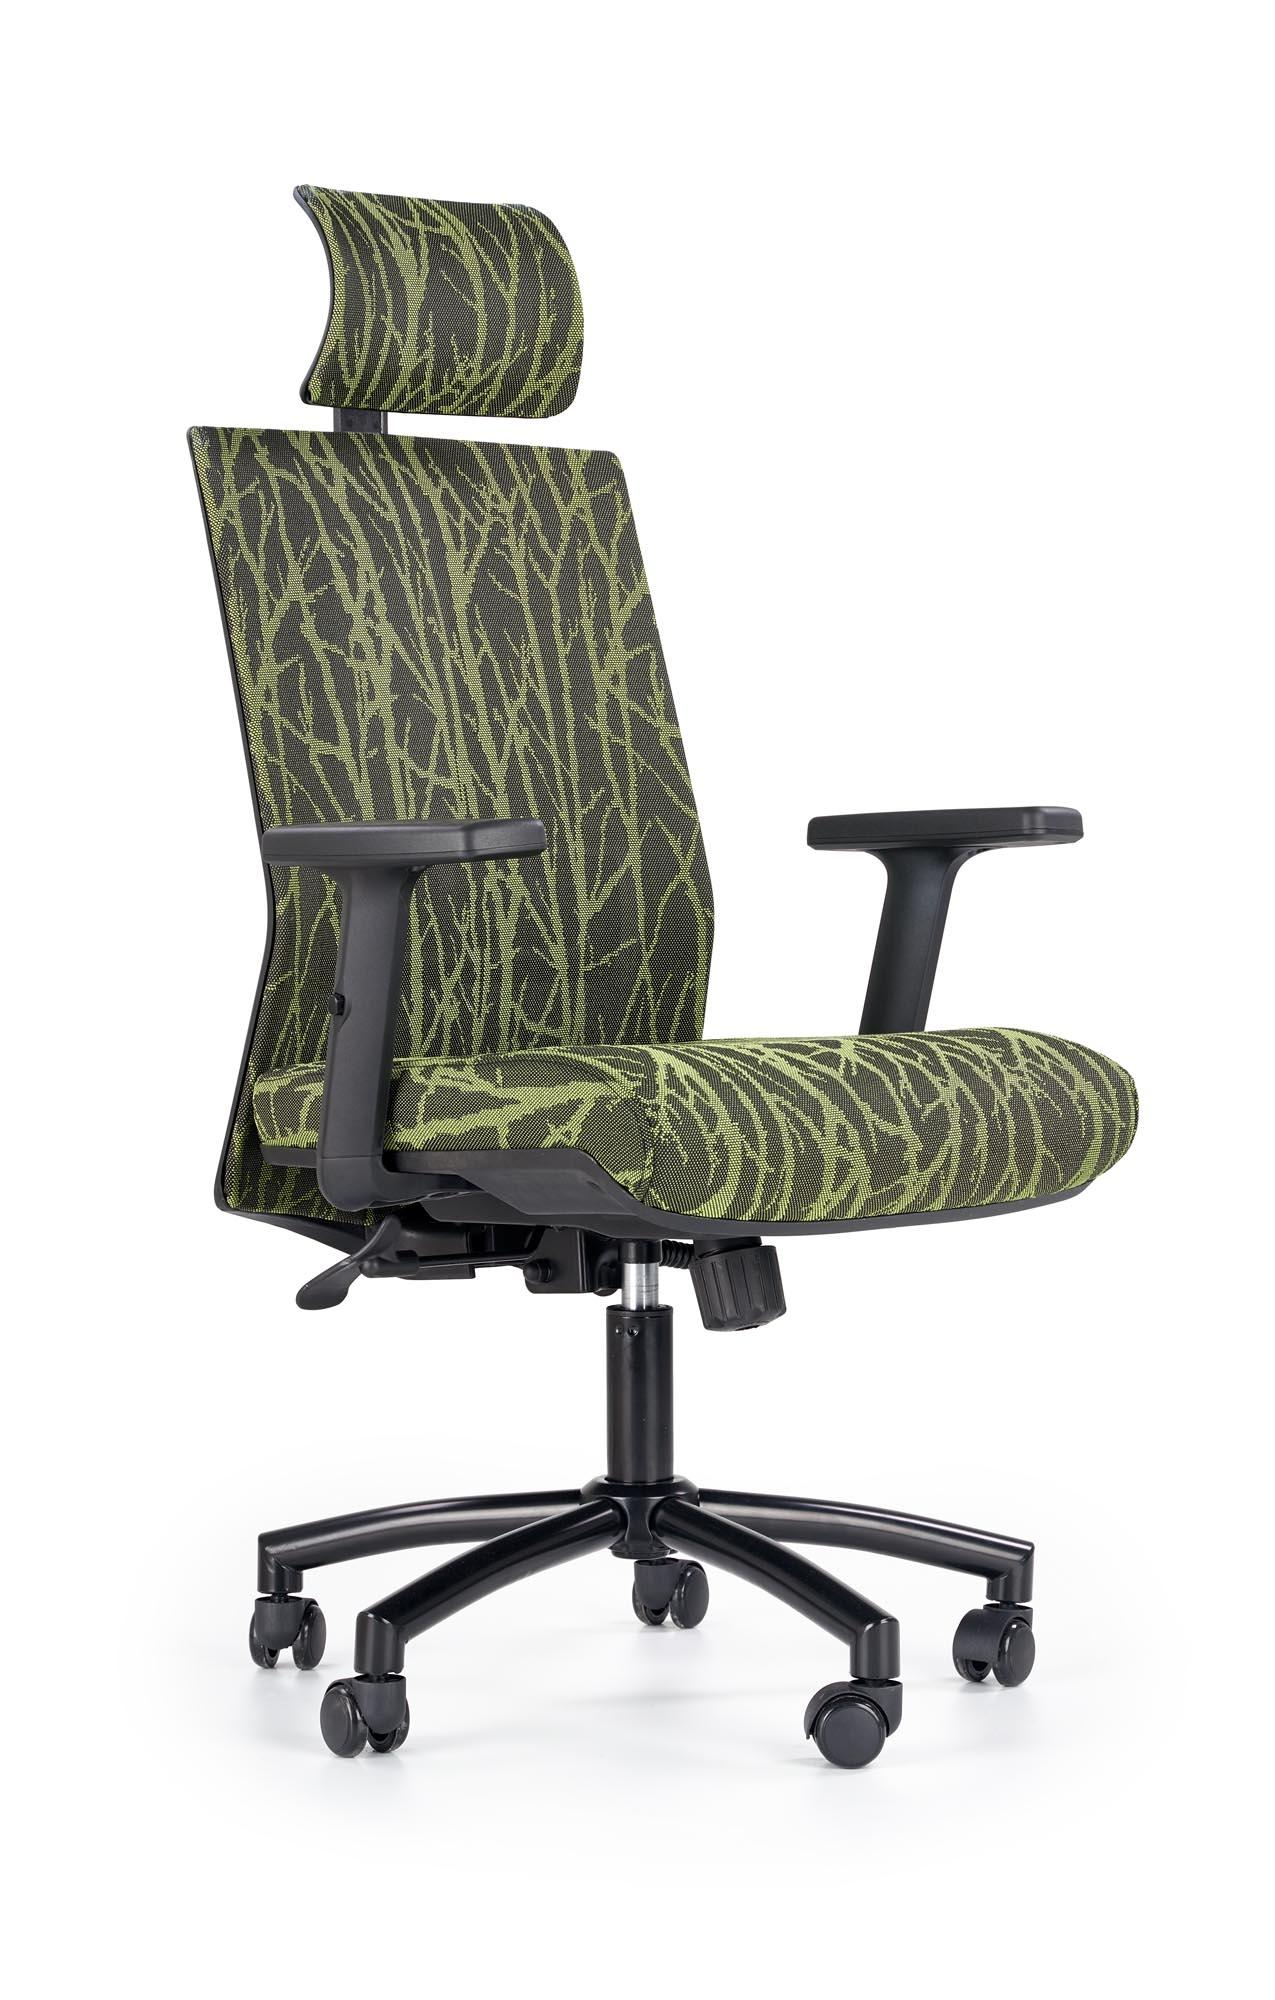 Scaun de birou ergonomic tapitat cu stofa Tropic Black / Green, l64xA59xH115-123 cm imagine